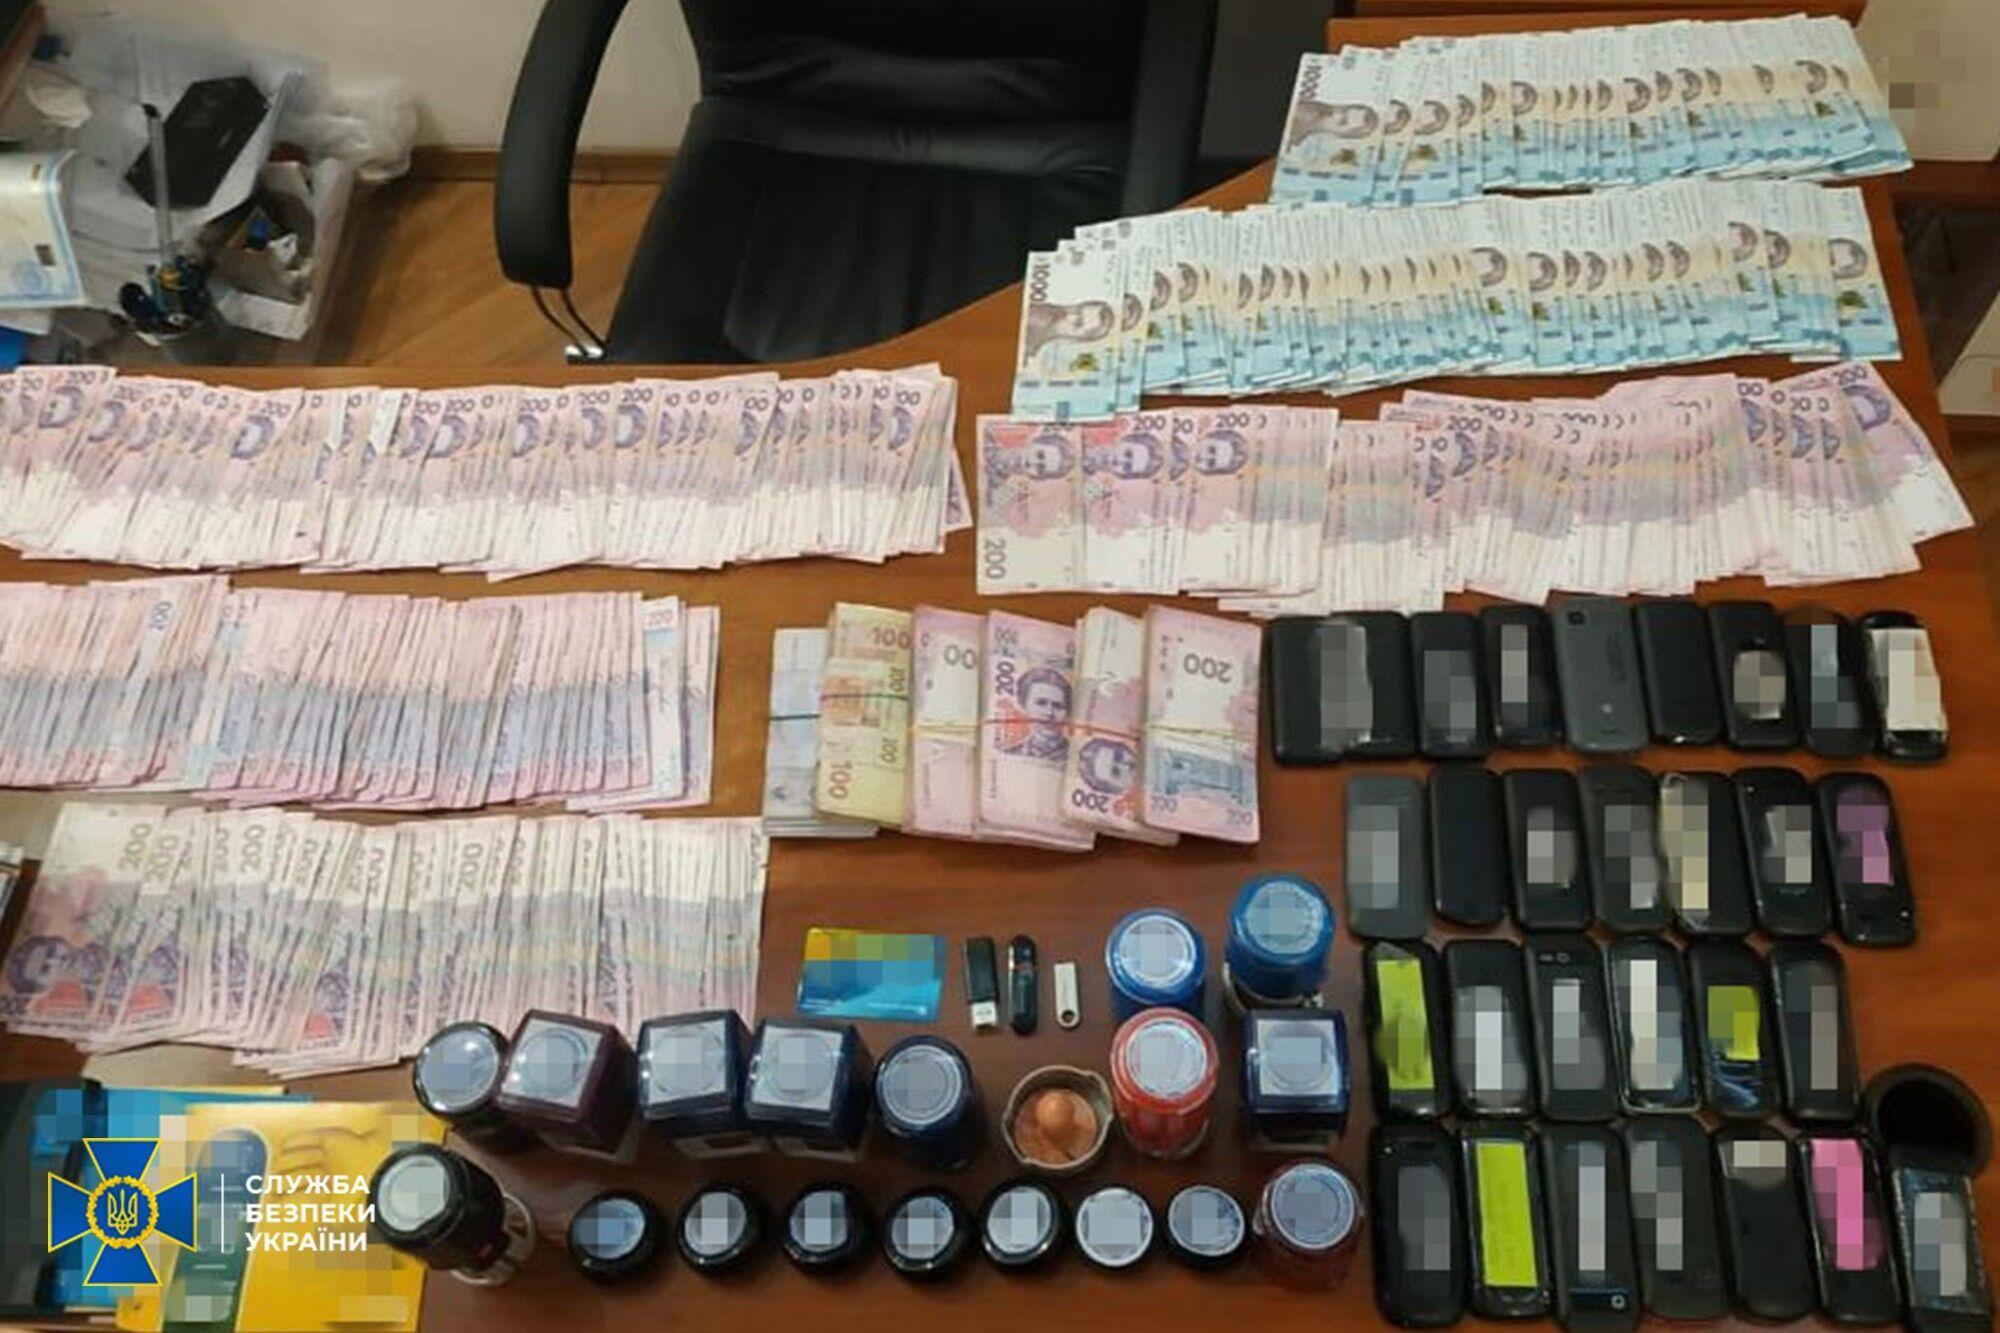 Сотрудники СБУ провели ряд обысков в офисах и домах организаторов схемы и изъяли документы, компьютерную технику и деньги.